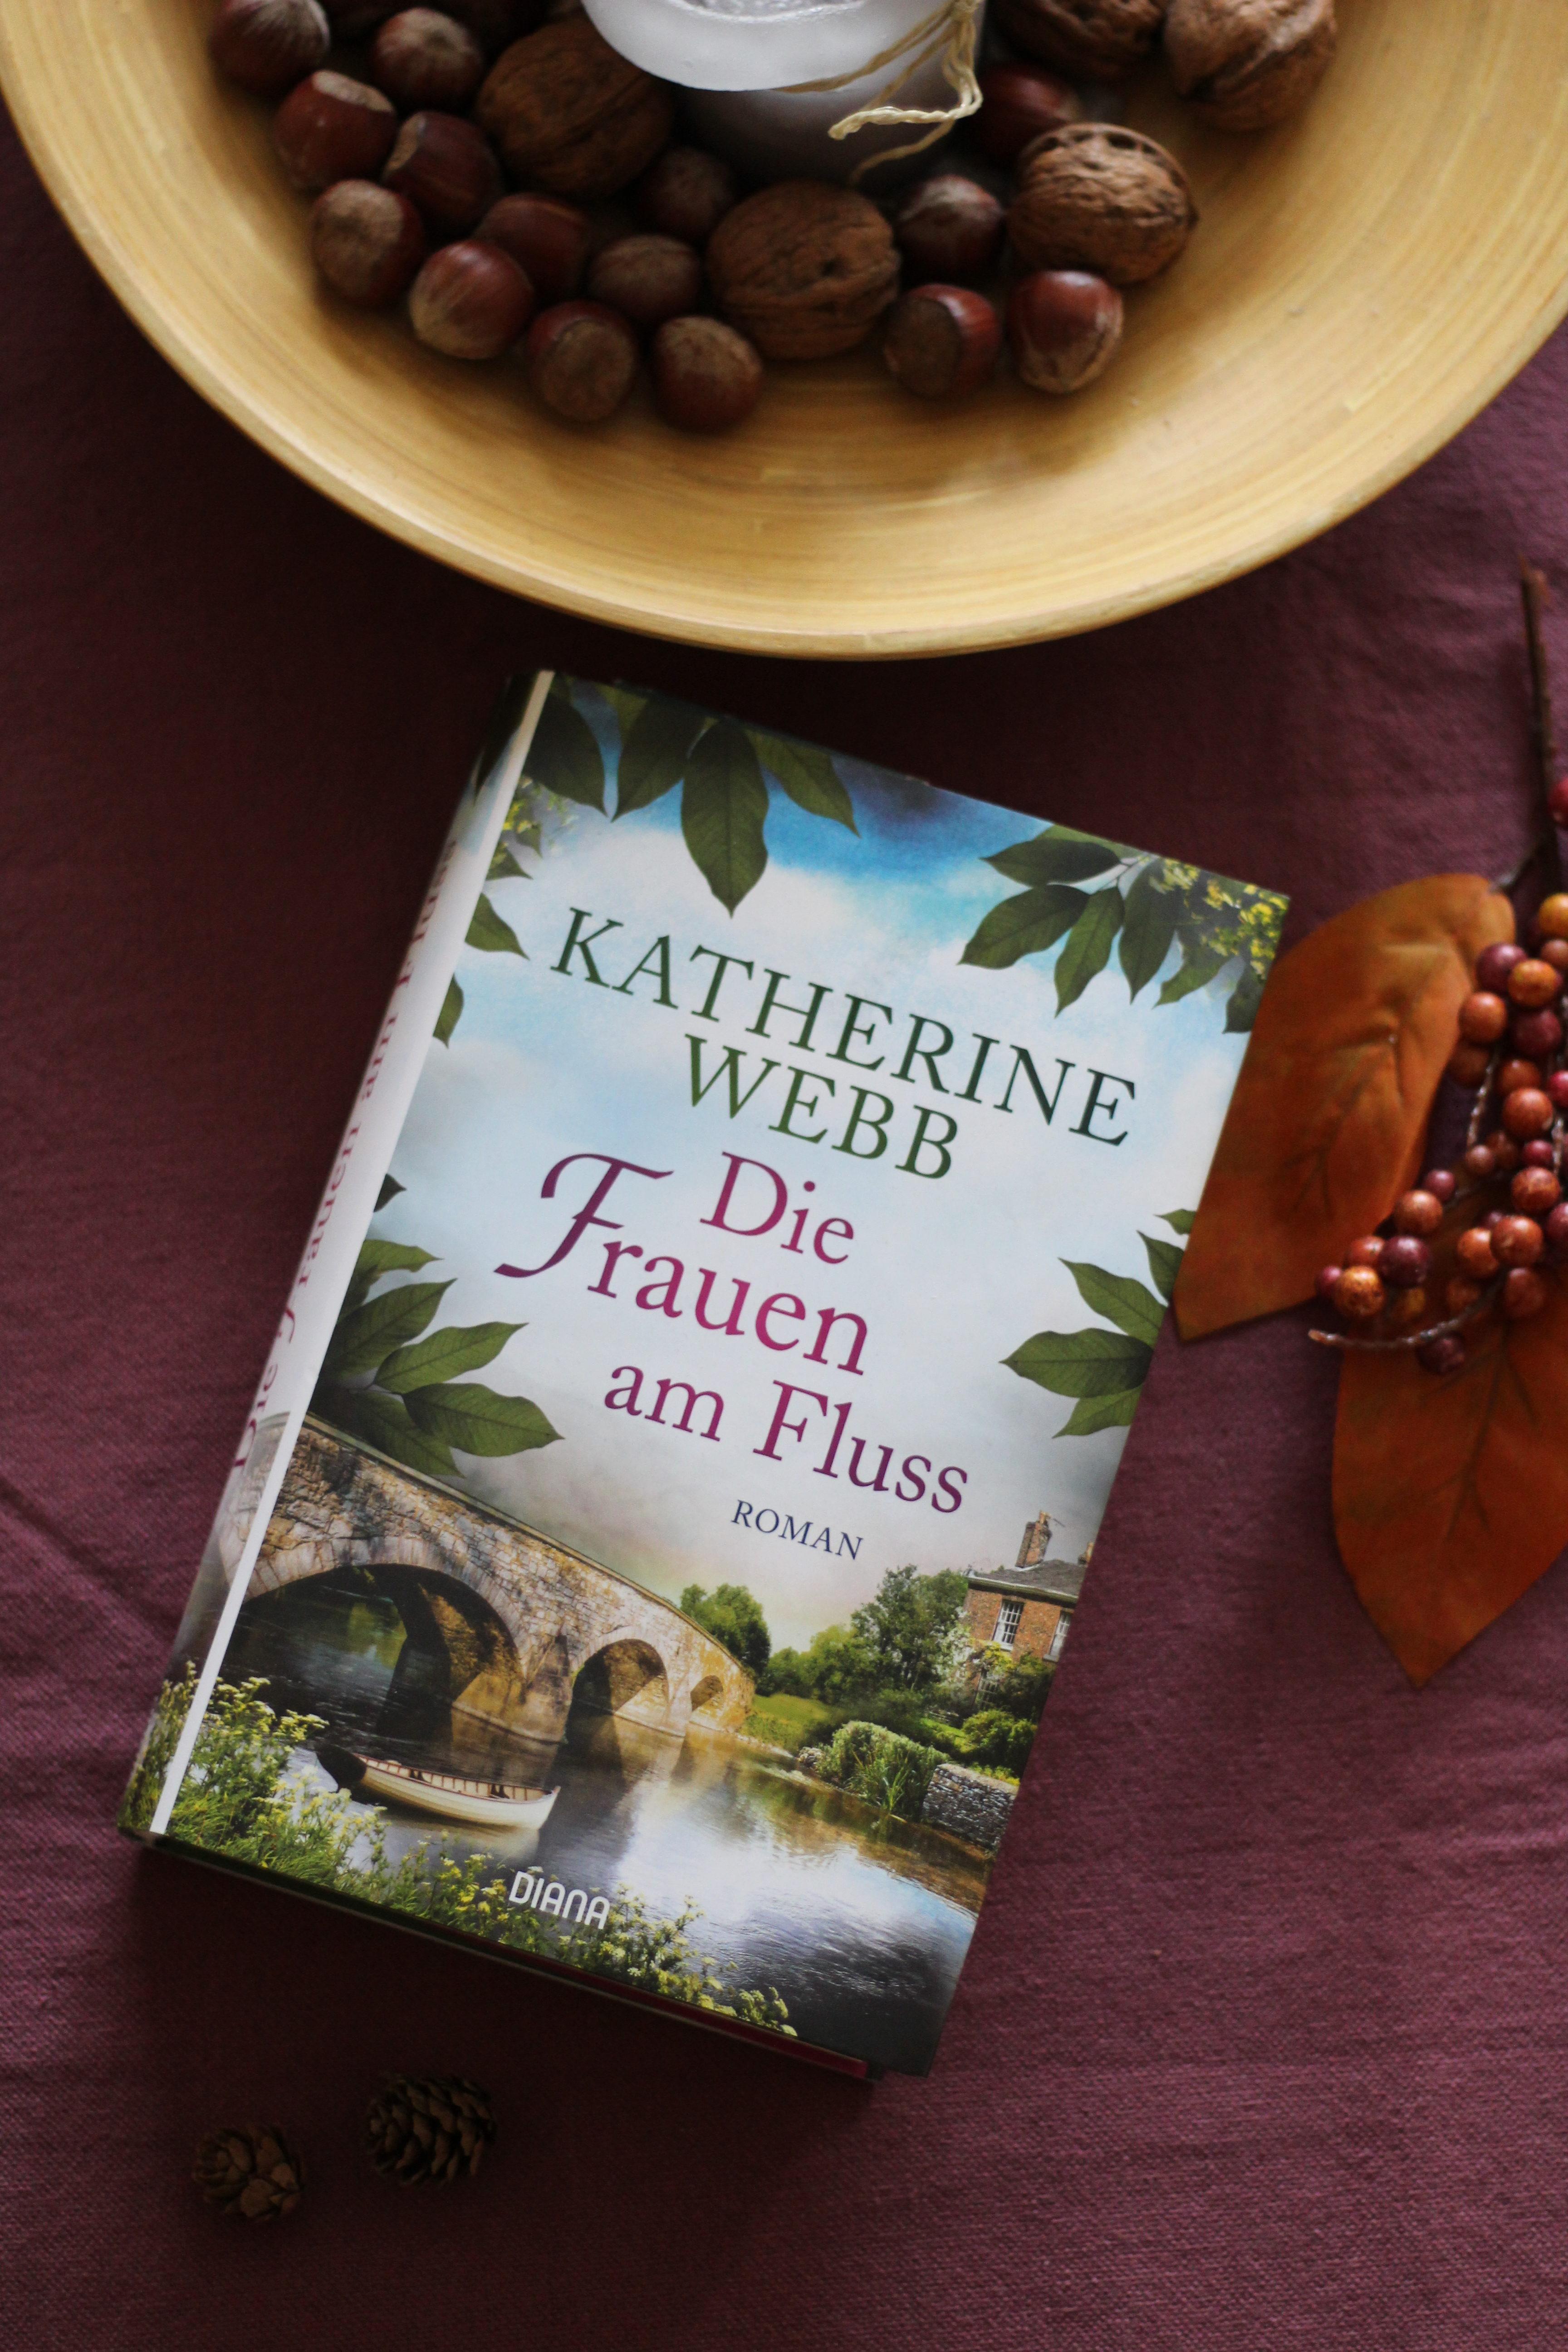 Die Frauen am Fluss von Katherine Webb